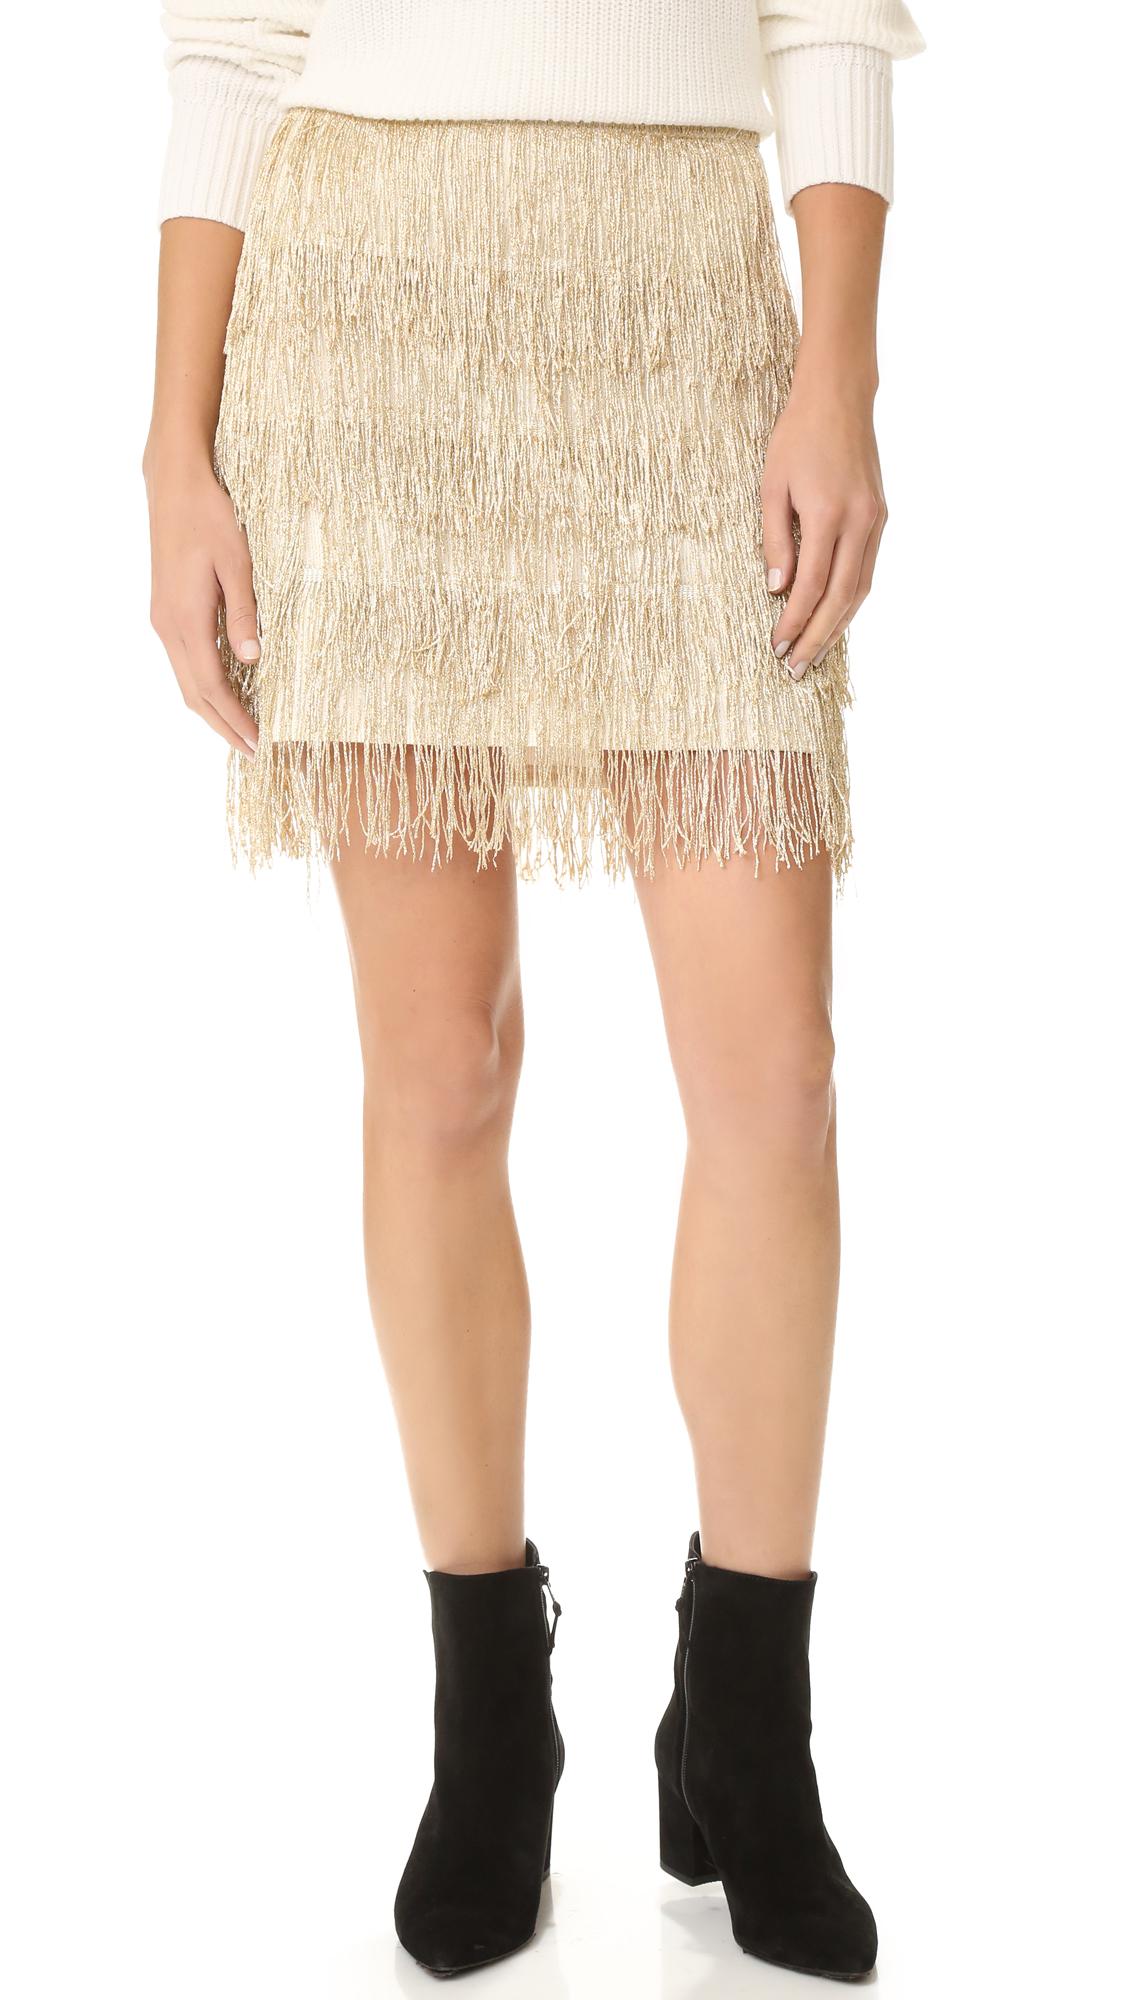 Anine Bing Fringe Skirt - Gold at Shopbop